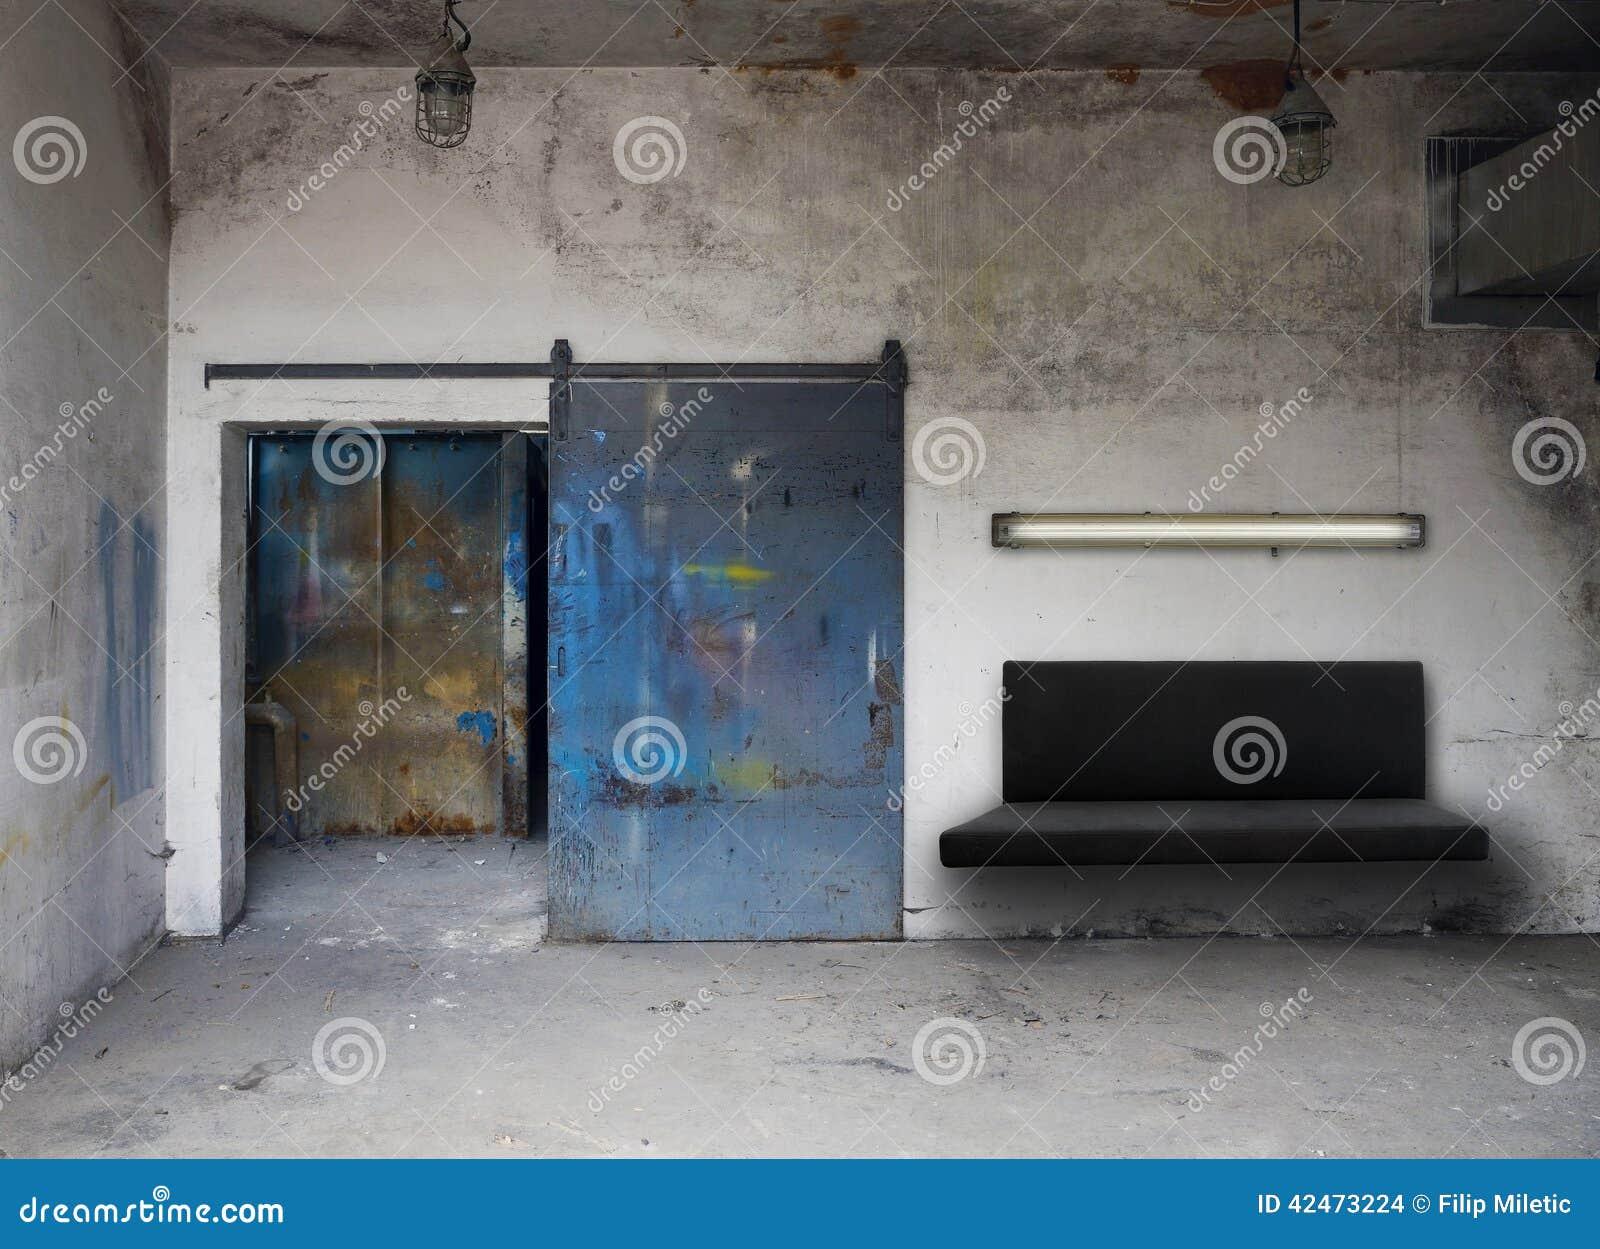 Industrielles Wohnzimmerdetail